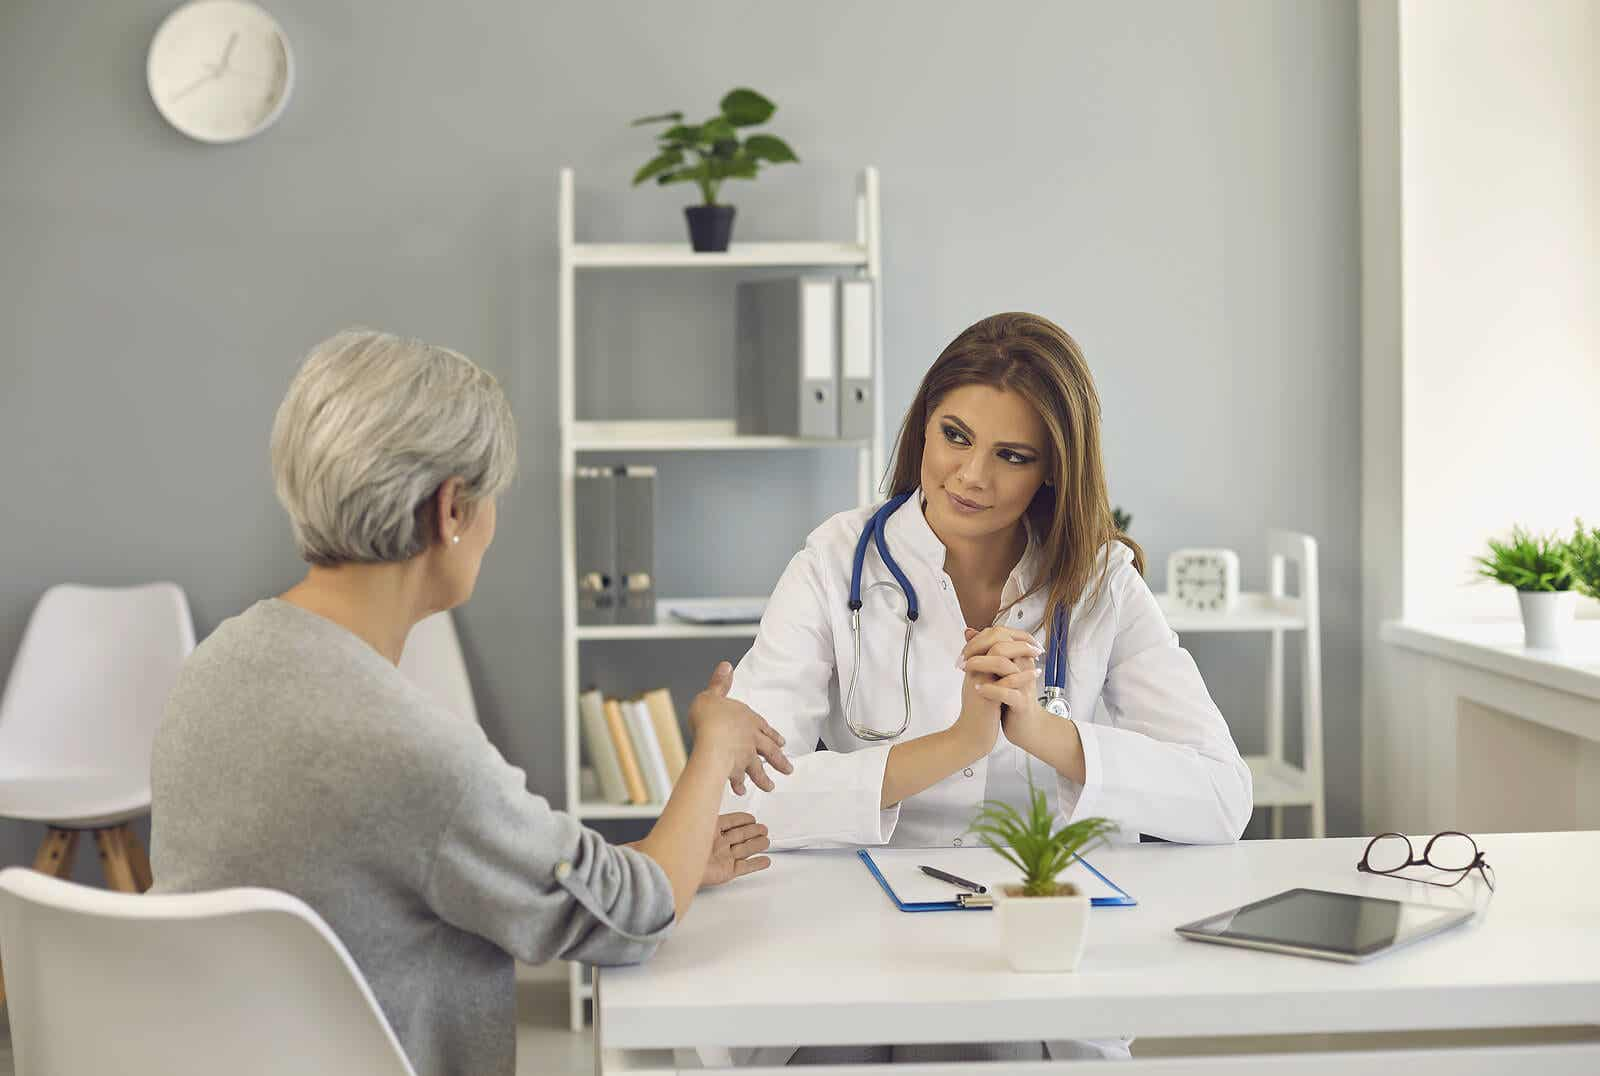 Un médecin avec une patiente.